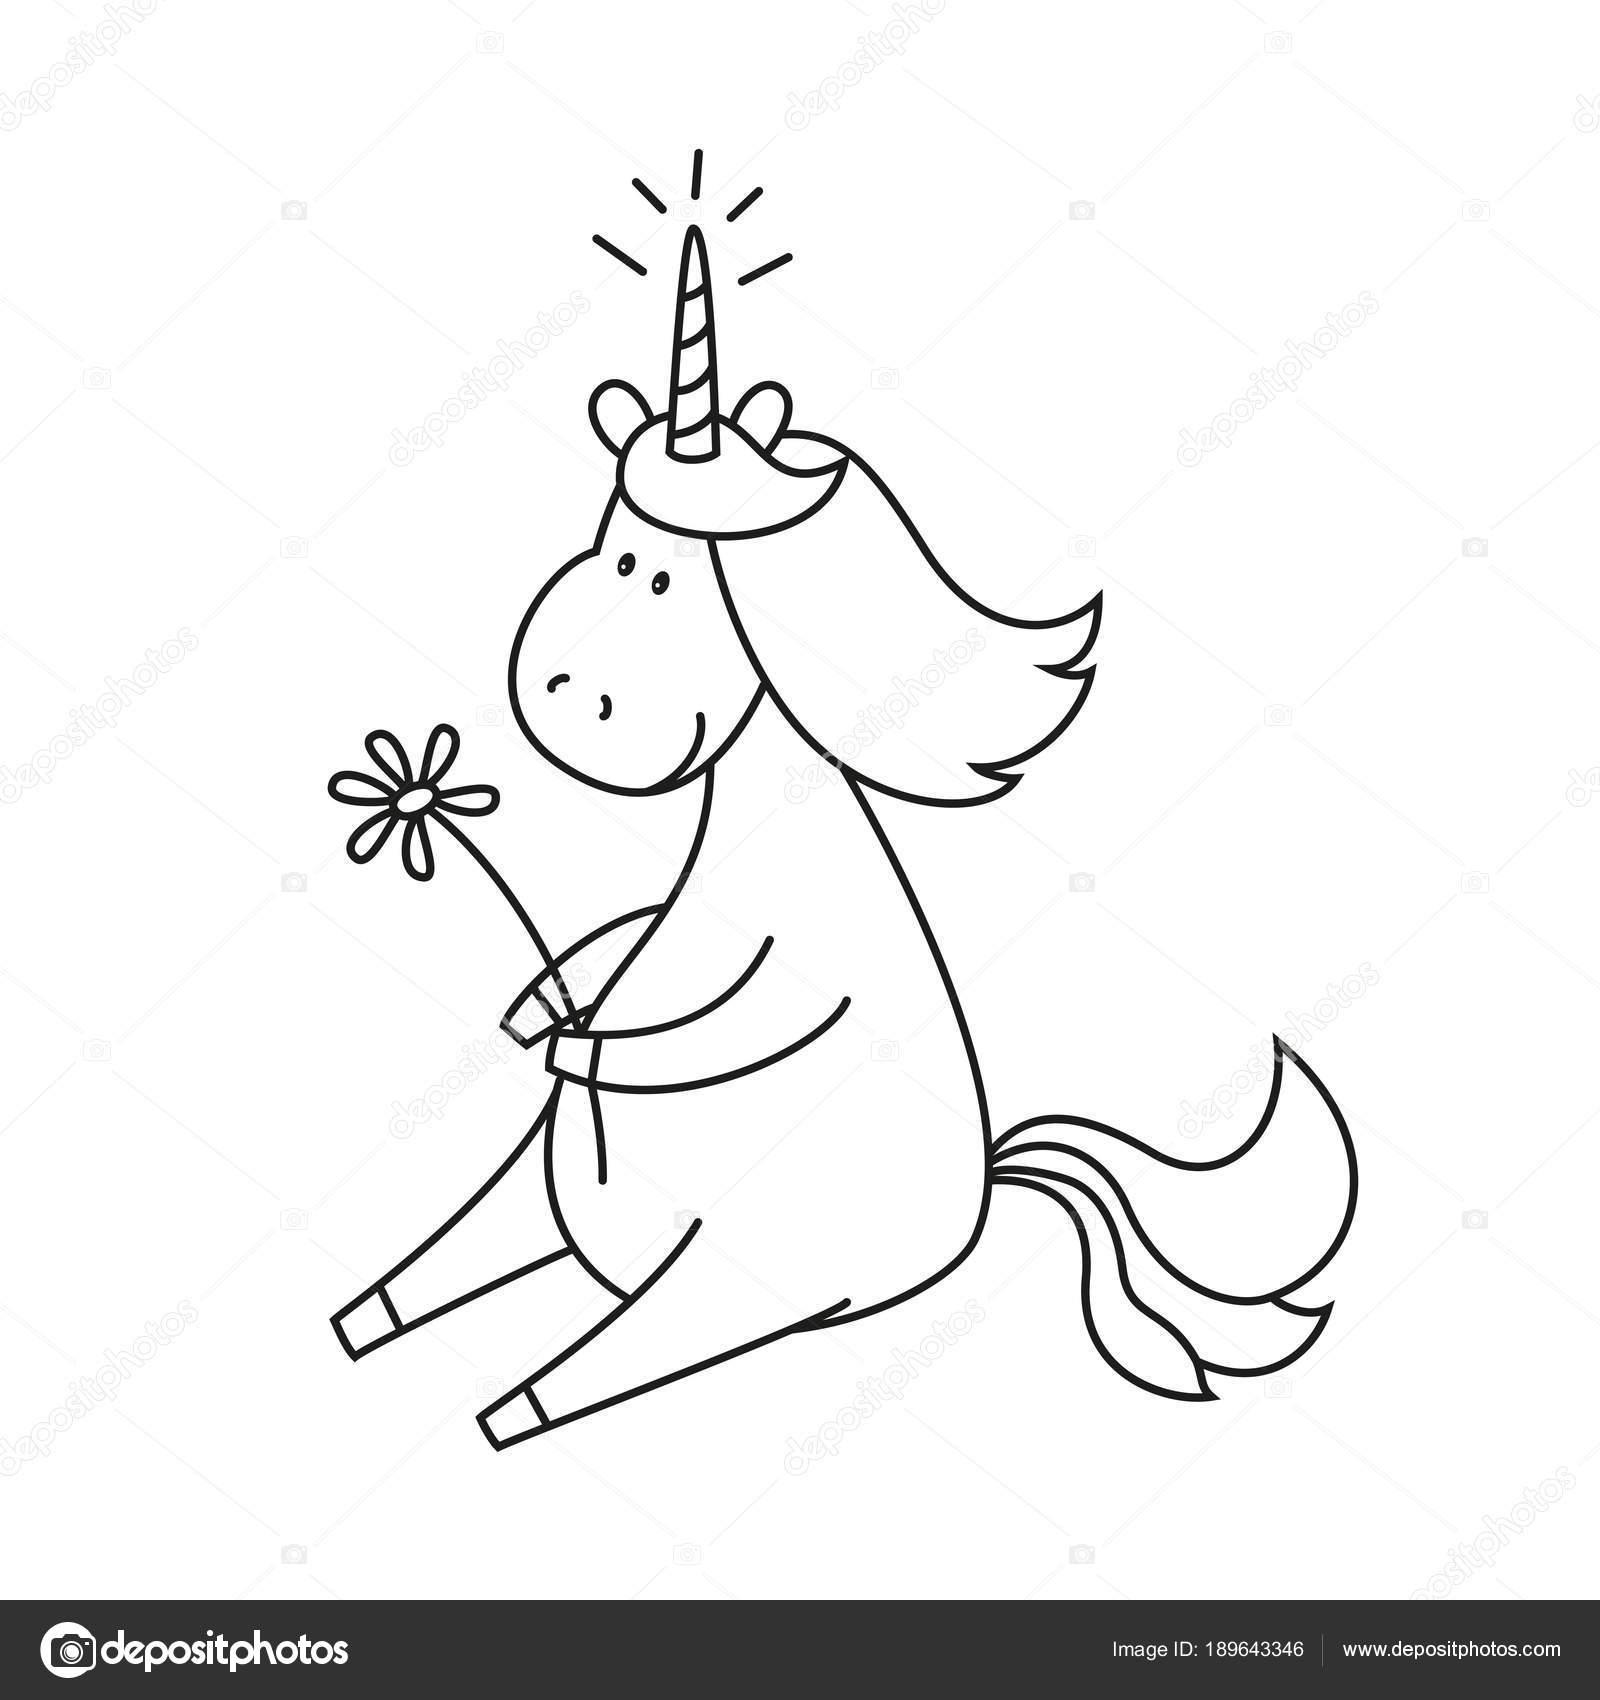 Ilustración con lindo unicornio para colorear libro — Archivo ...